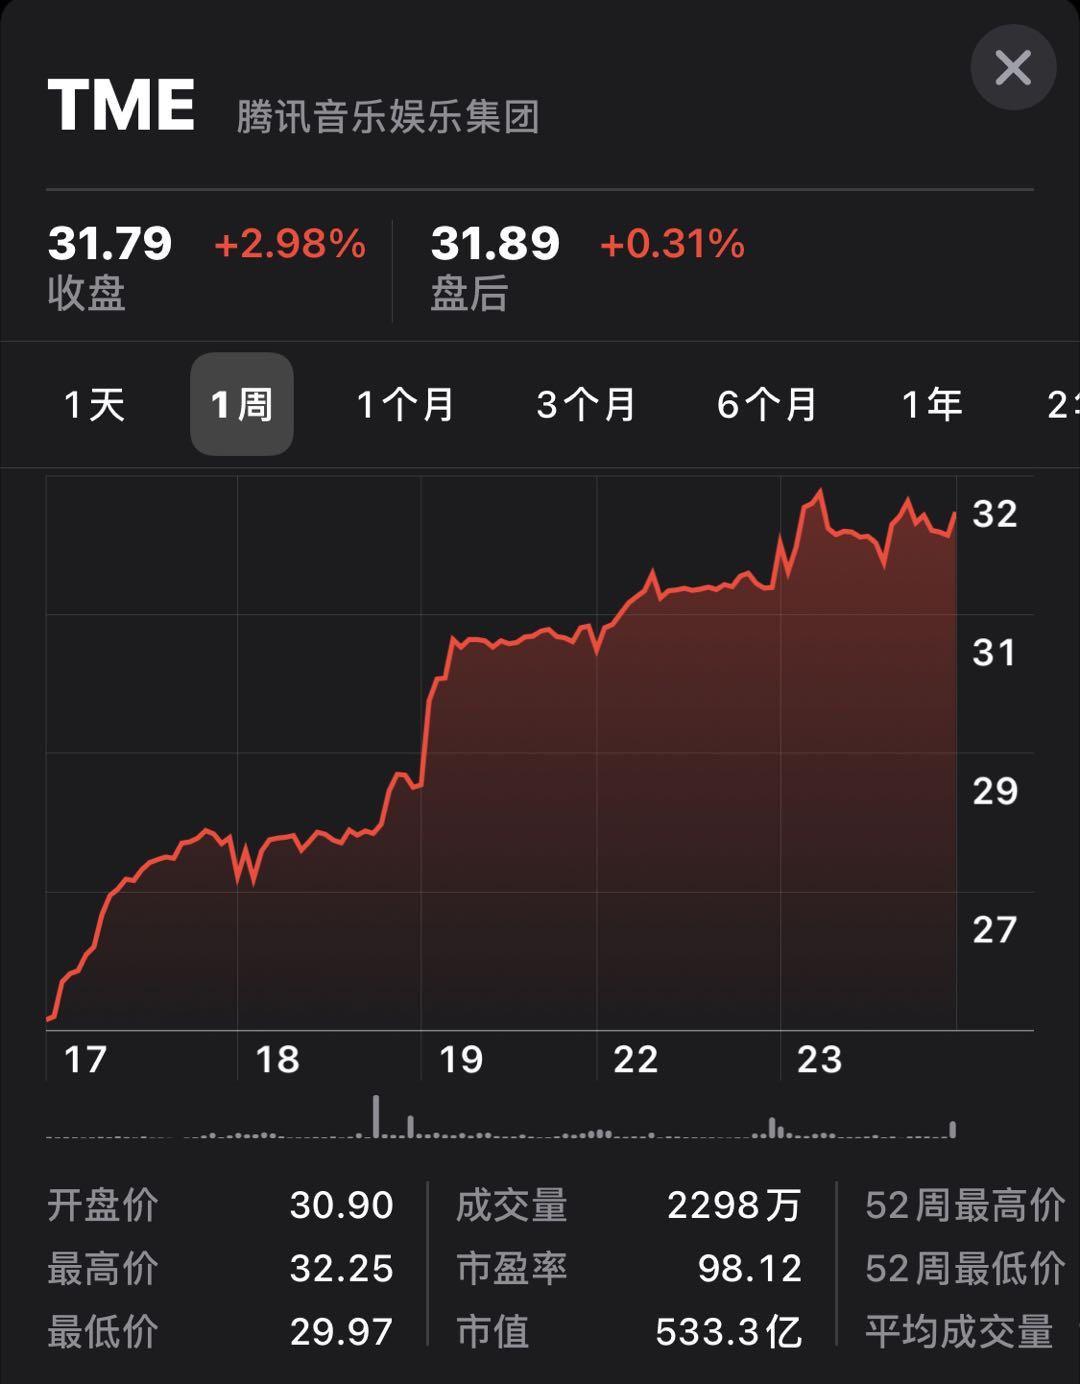 财报超预期财报获资本市场认可,腾讯音乐盘中涨幅超4%